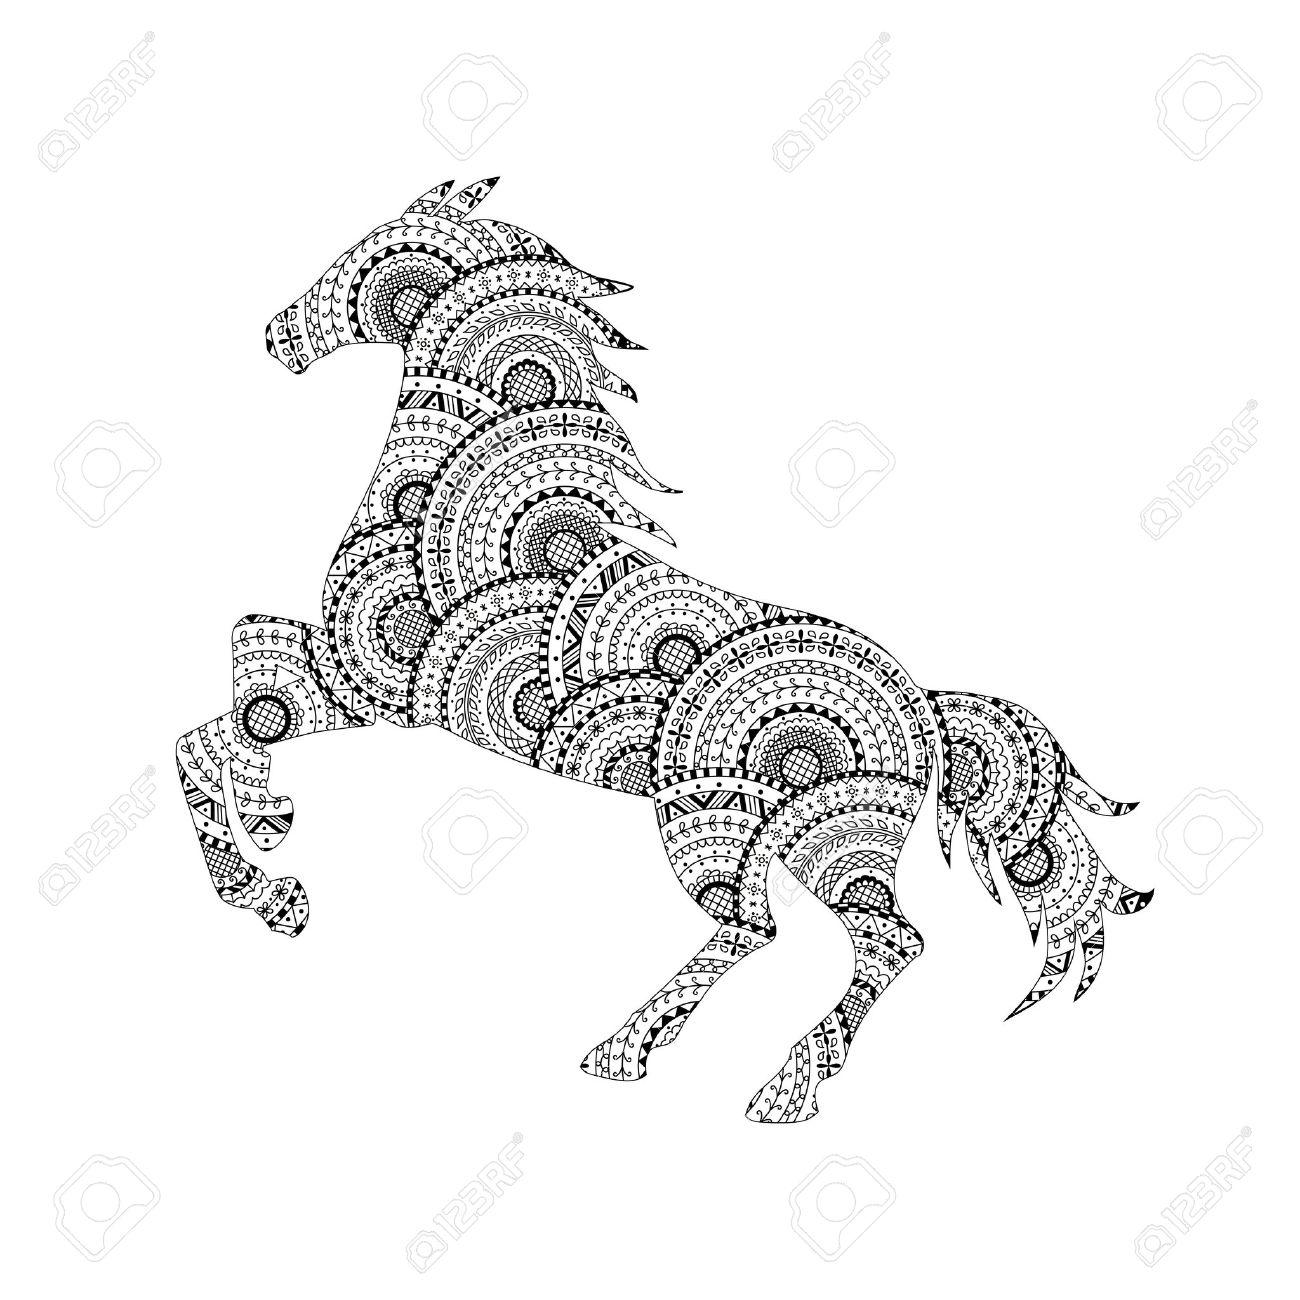 Vektor-Illustration Von Pferd Silhouette Aus Schwarz Und Weiß ...